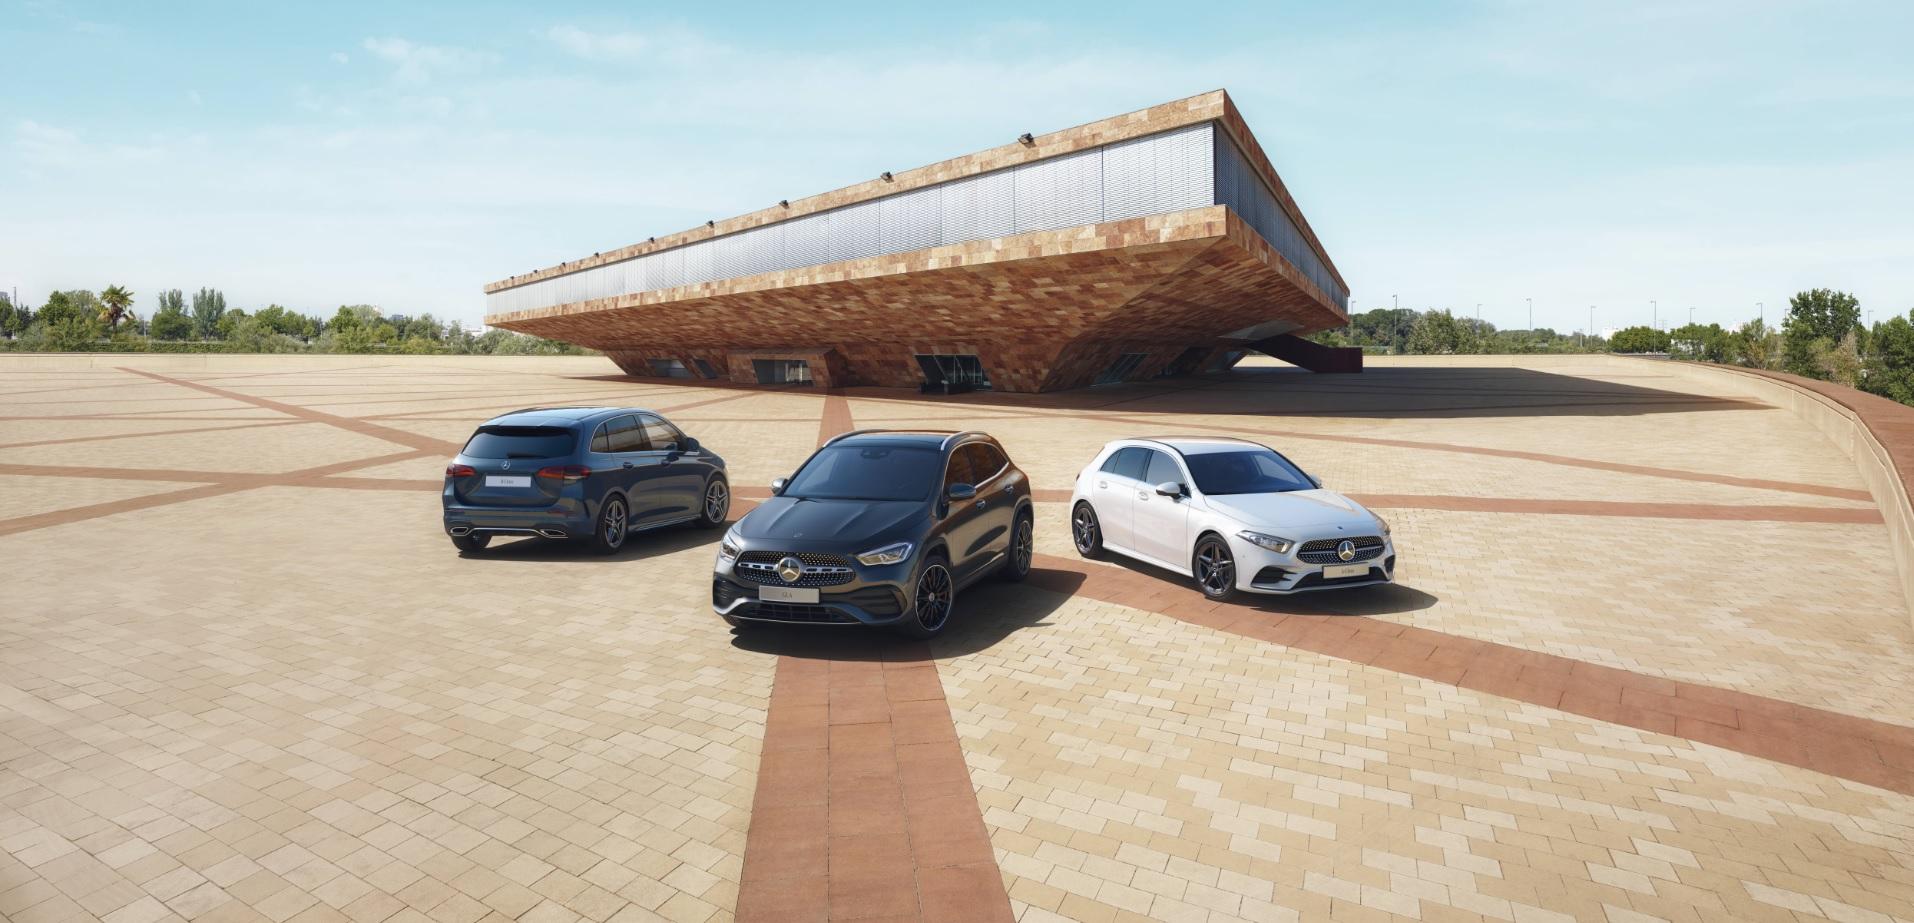 The new Mercedes-Benz EQB